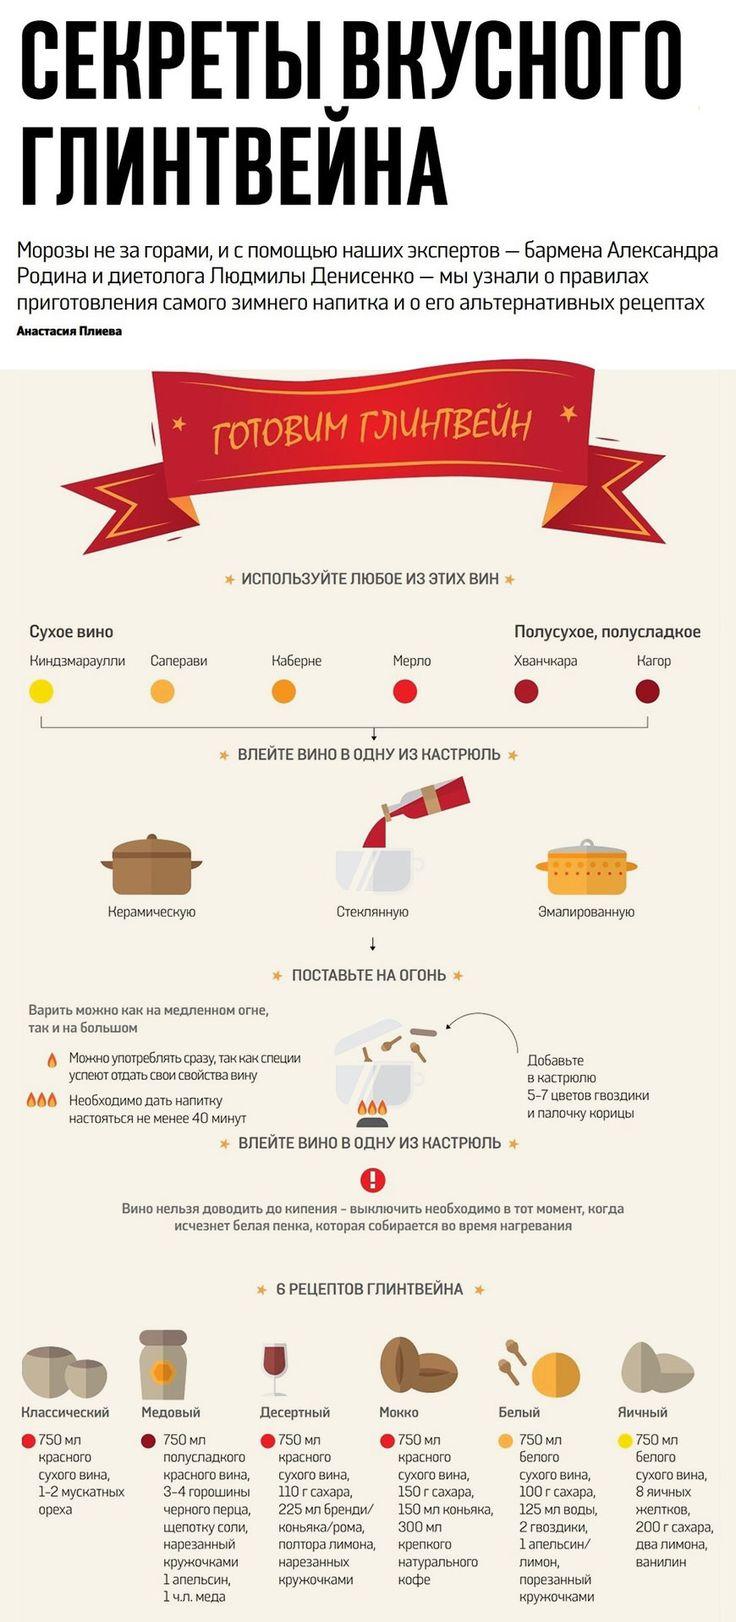 Полезные #рецепты. #Глинтвейн: секреты вкусного алкогольного напитка. #Инфографика. #Рецепты и нюансы приготовления глинтвейна: готовим вкусный и полезный напиток. Морозы не за горами, и с помощью двух экспертов мы узнали о правилах приготовления, пожалуй, самого зимнего напитка и о его альтернативных рецептах. Используйте любое из этих вин. Сухое, полусухое и полусладкое вино: Киндзмараули, Саперави, Каберне, Мерло, Хванчкара, Кагор.